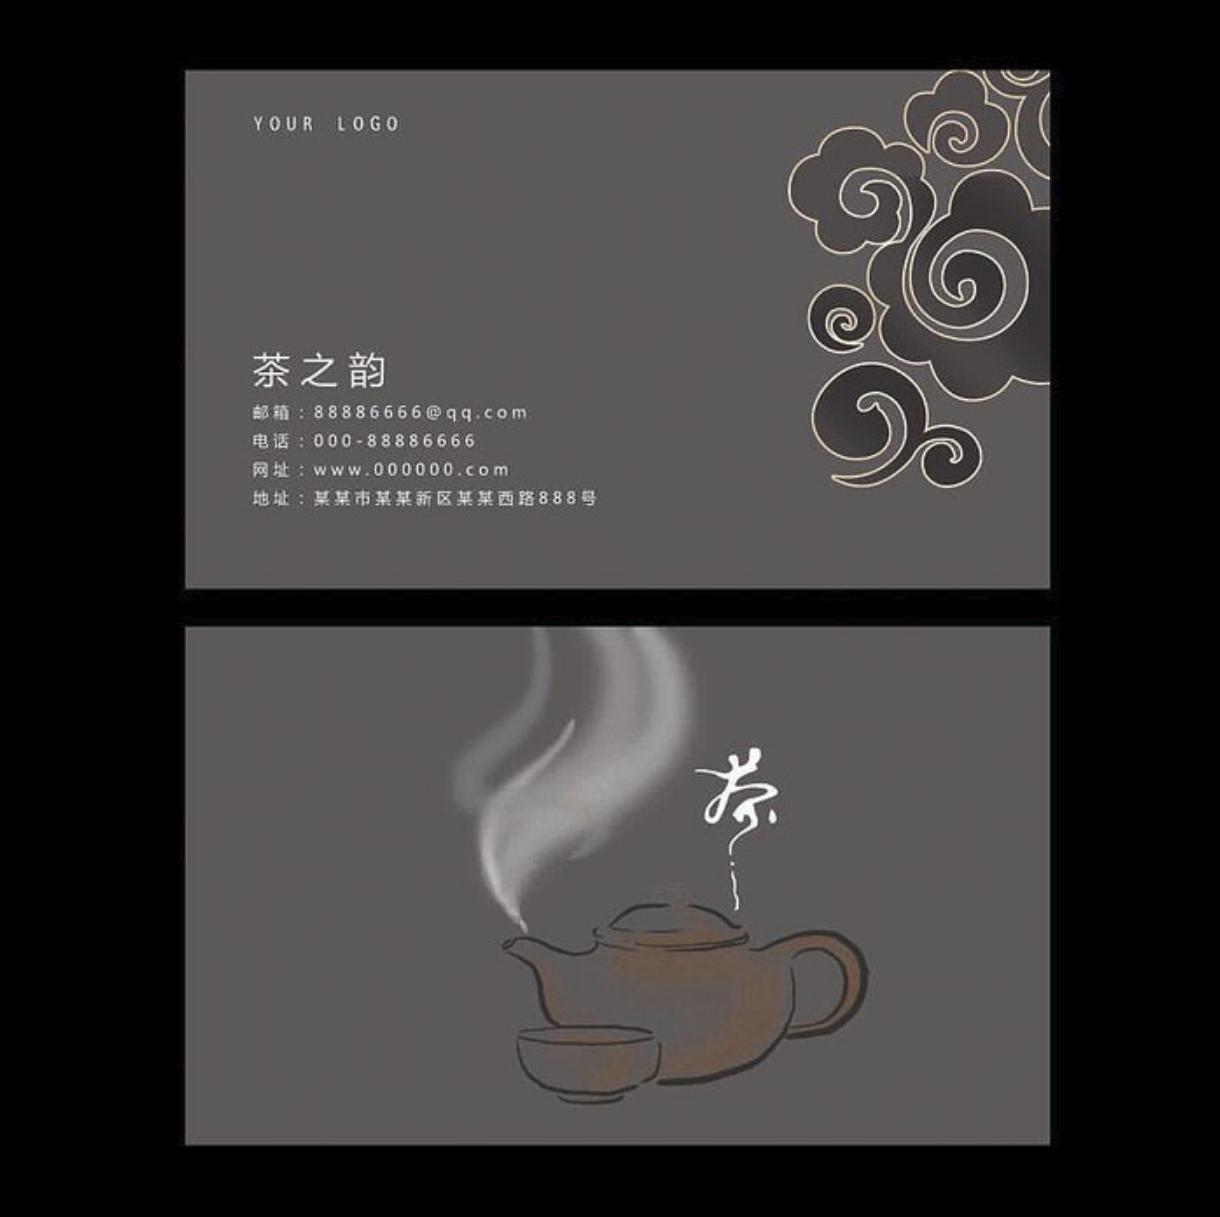 创意社交名片设计参考 有哪些关于茶的名片